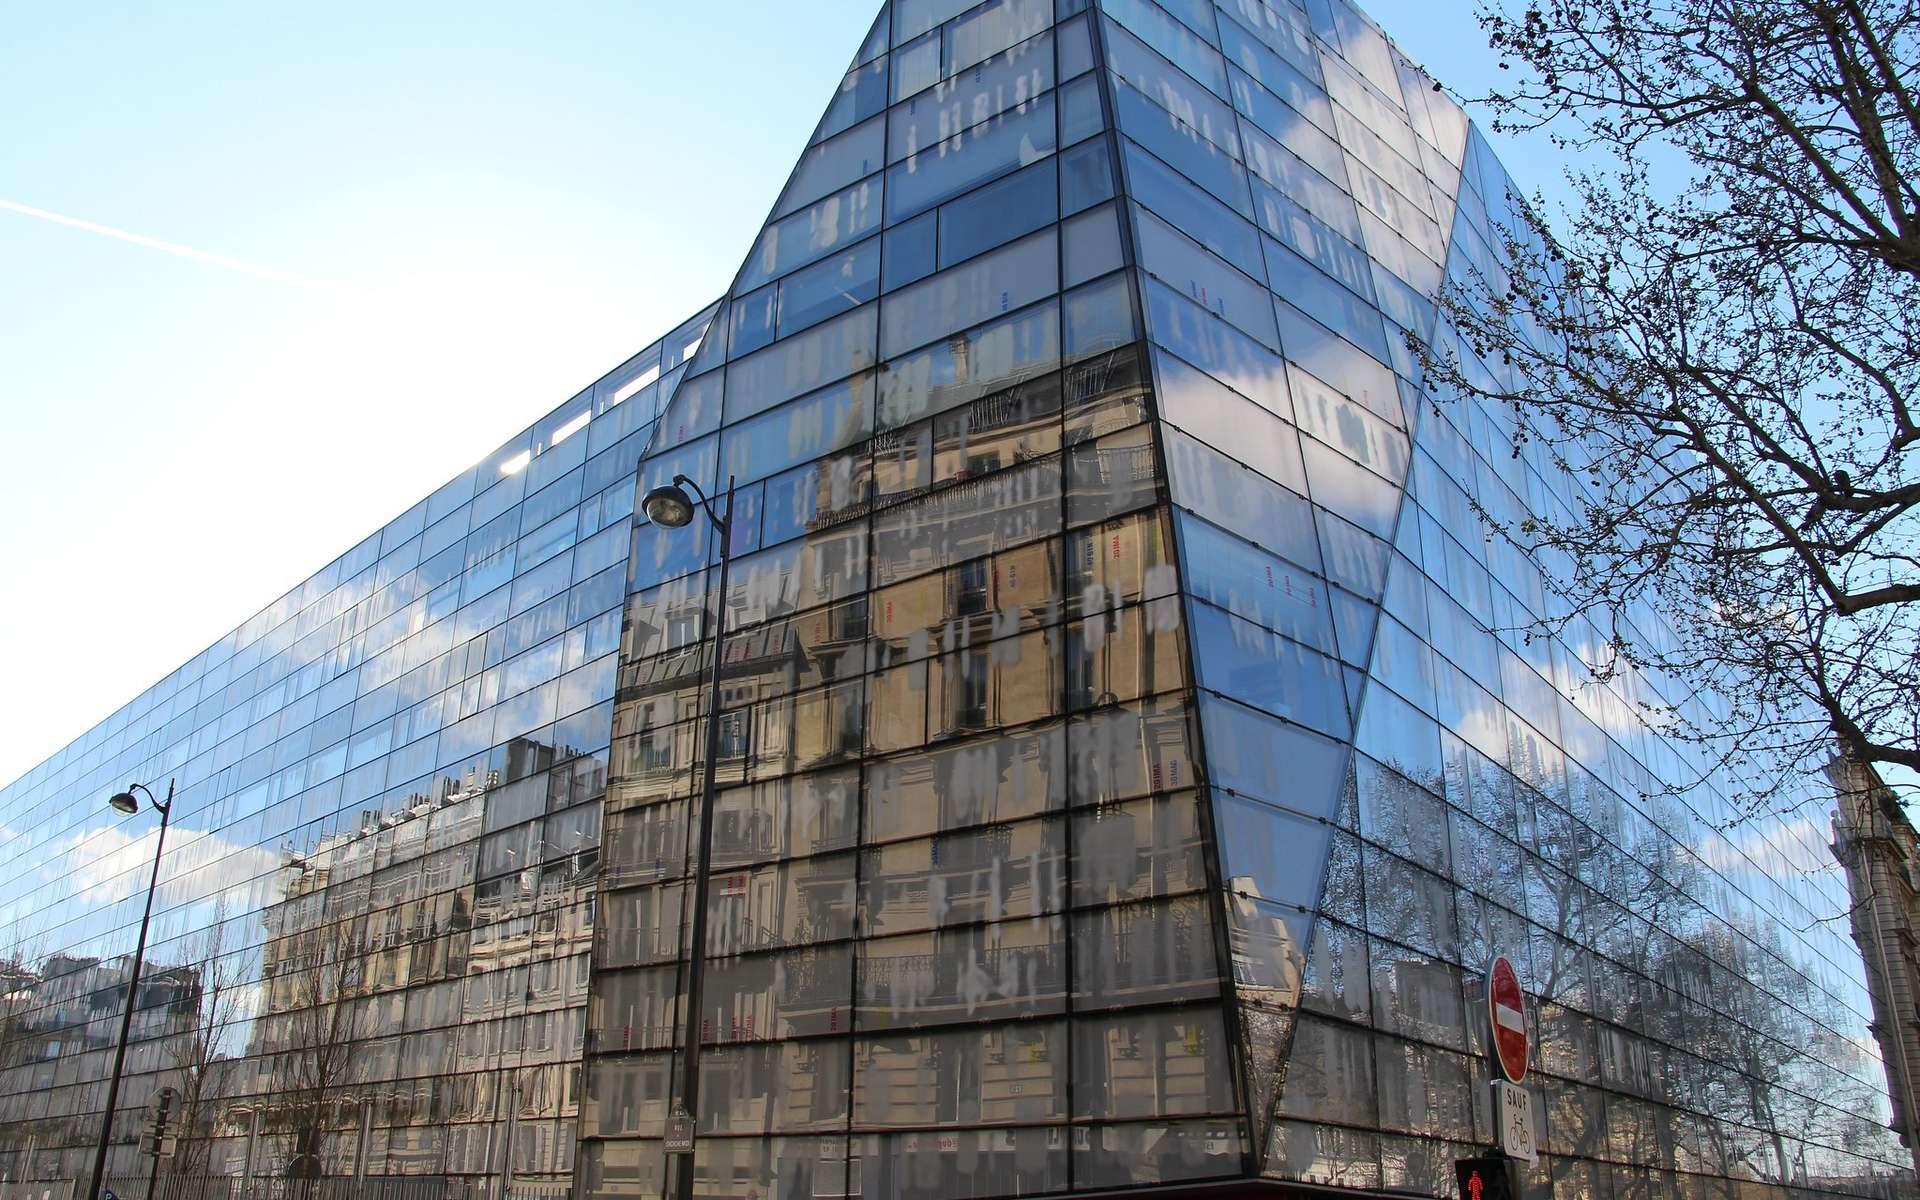 L'Institut Imagine à Paris, un projet conçu par Jean Nouvel et Bernard Valéro. © Creative Commons, CC By 2.0